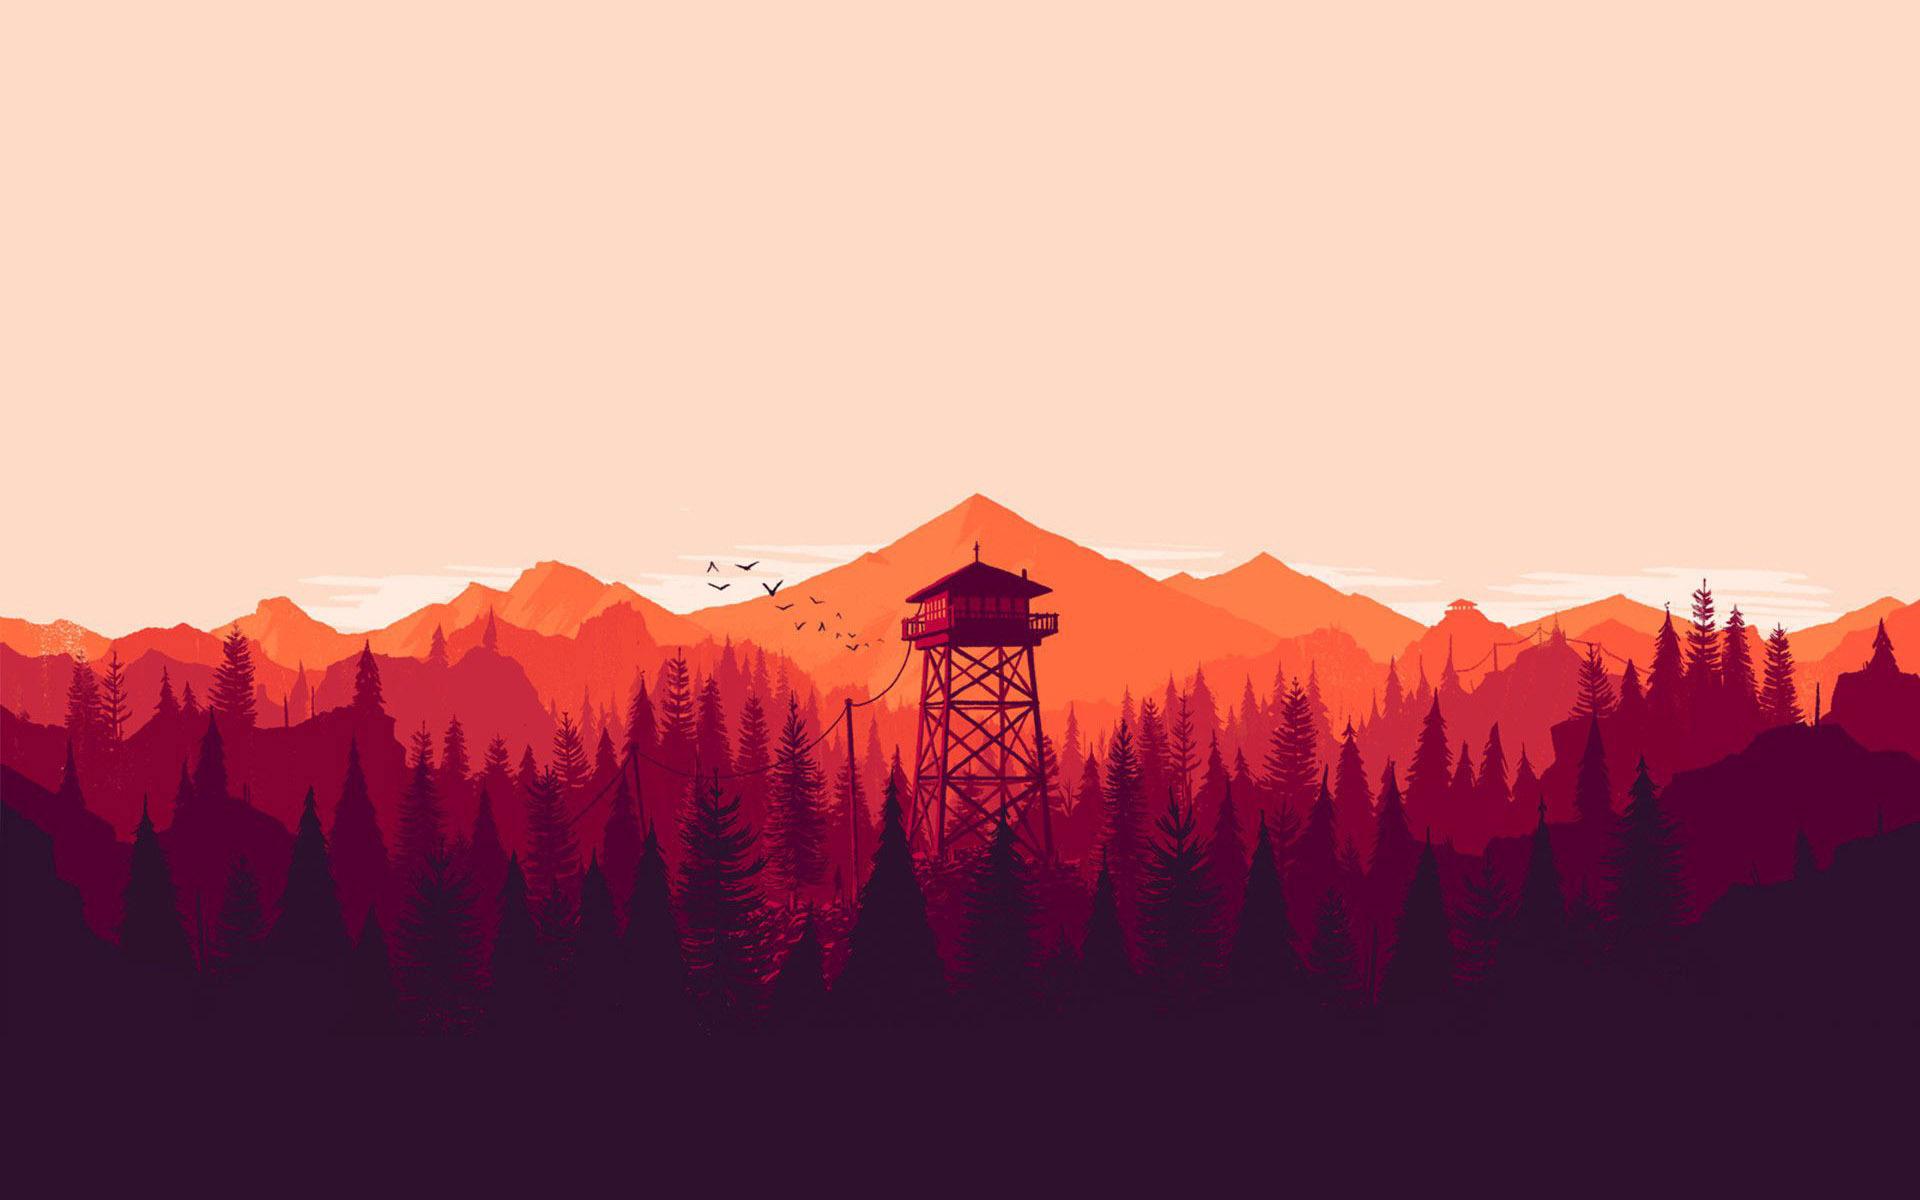 firewatch computer wallpapers desktop backgrounds